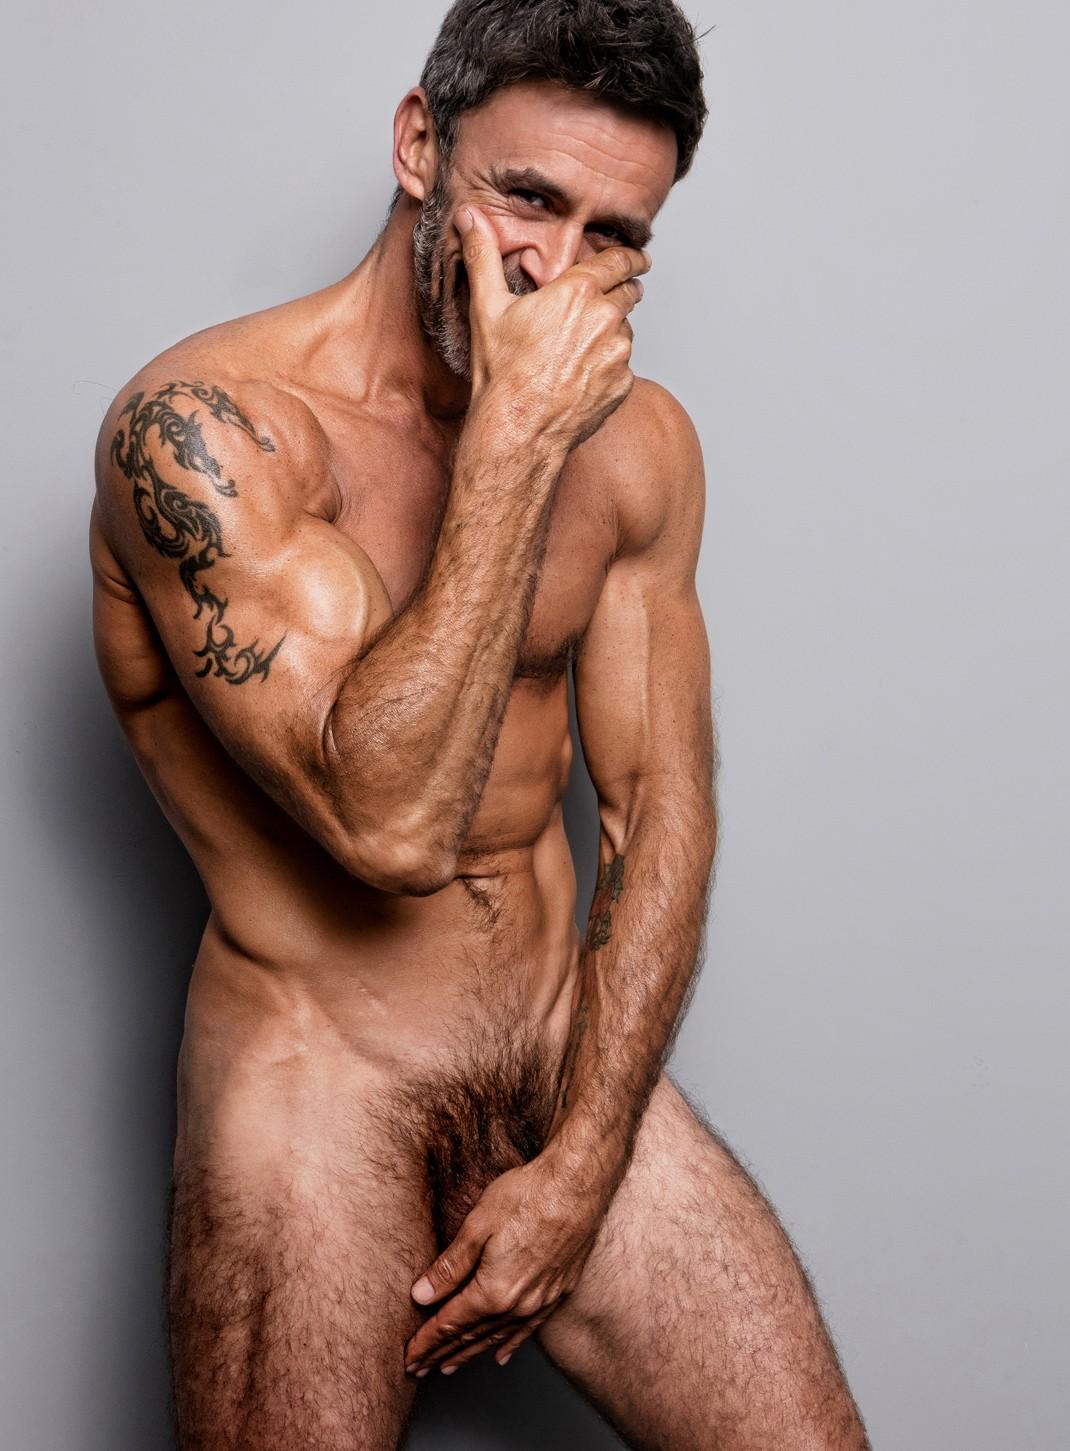 Alonso Caparrós Habla Desnudo De Su Sexualidad Y Sus Adicciones